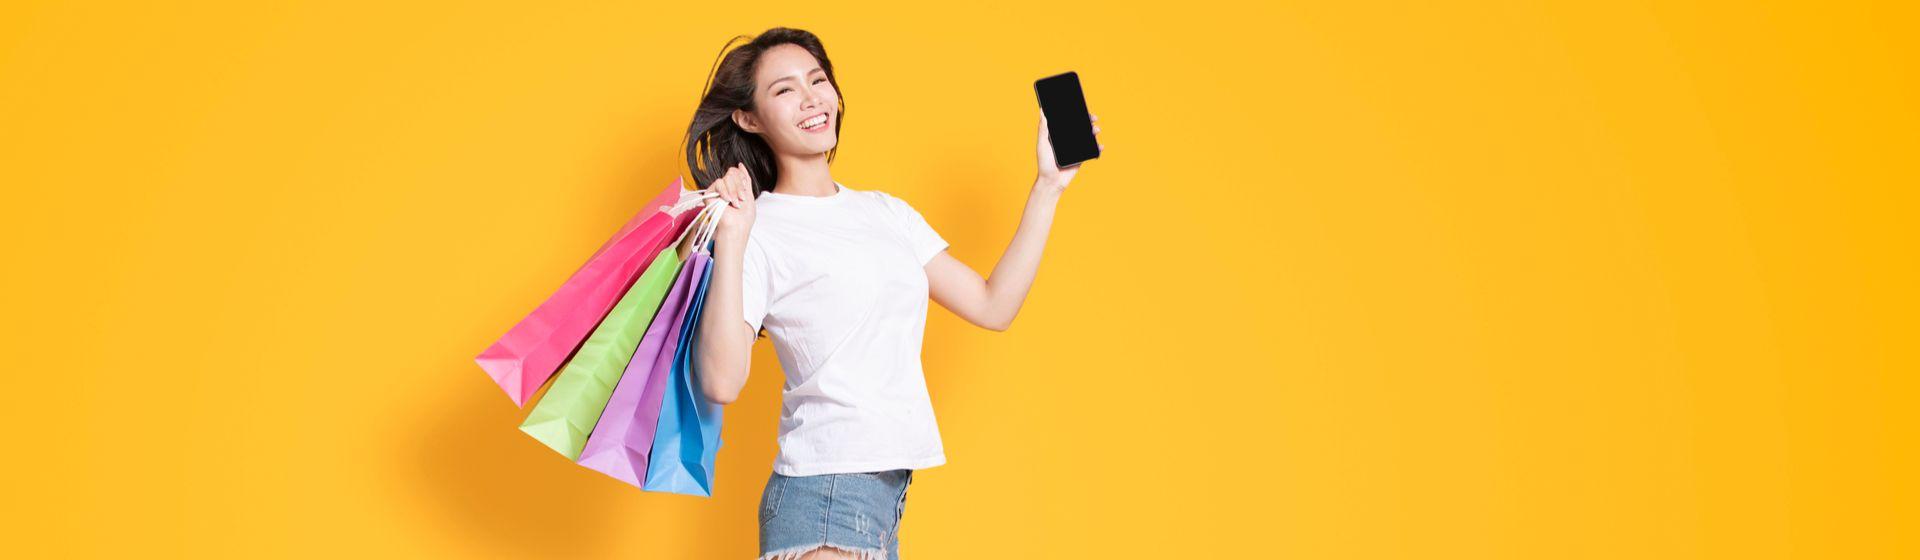 Celulares em promoção: confira a lista de smartphones com desconto